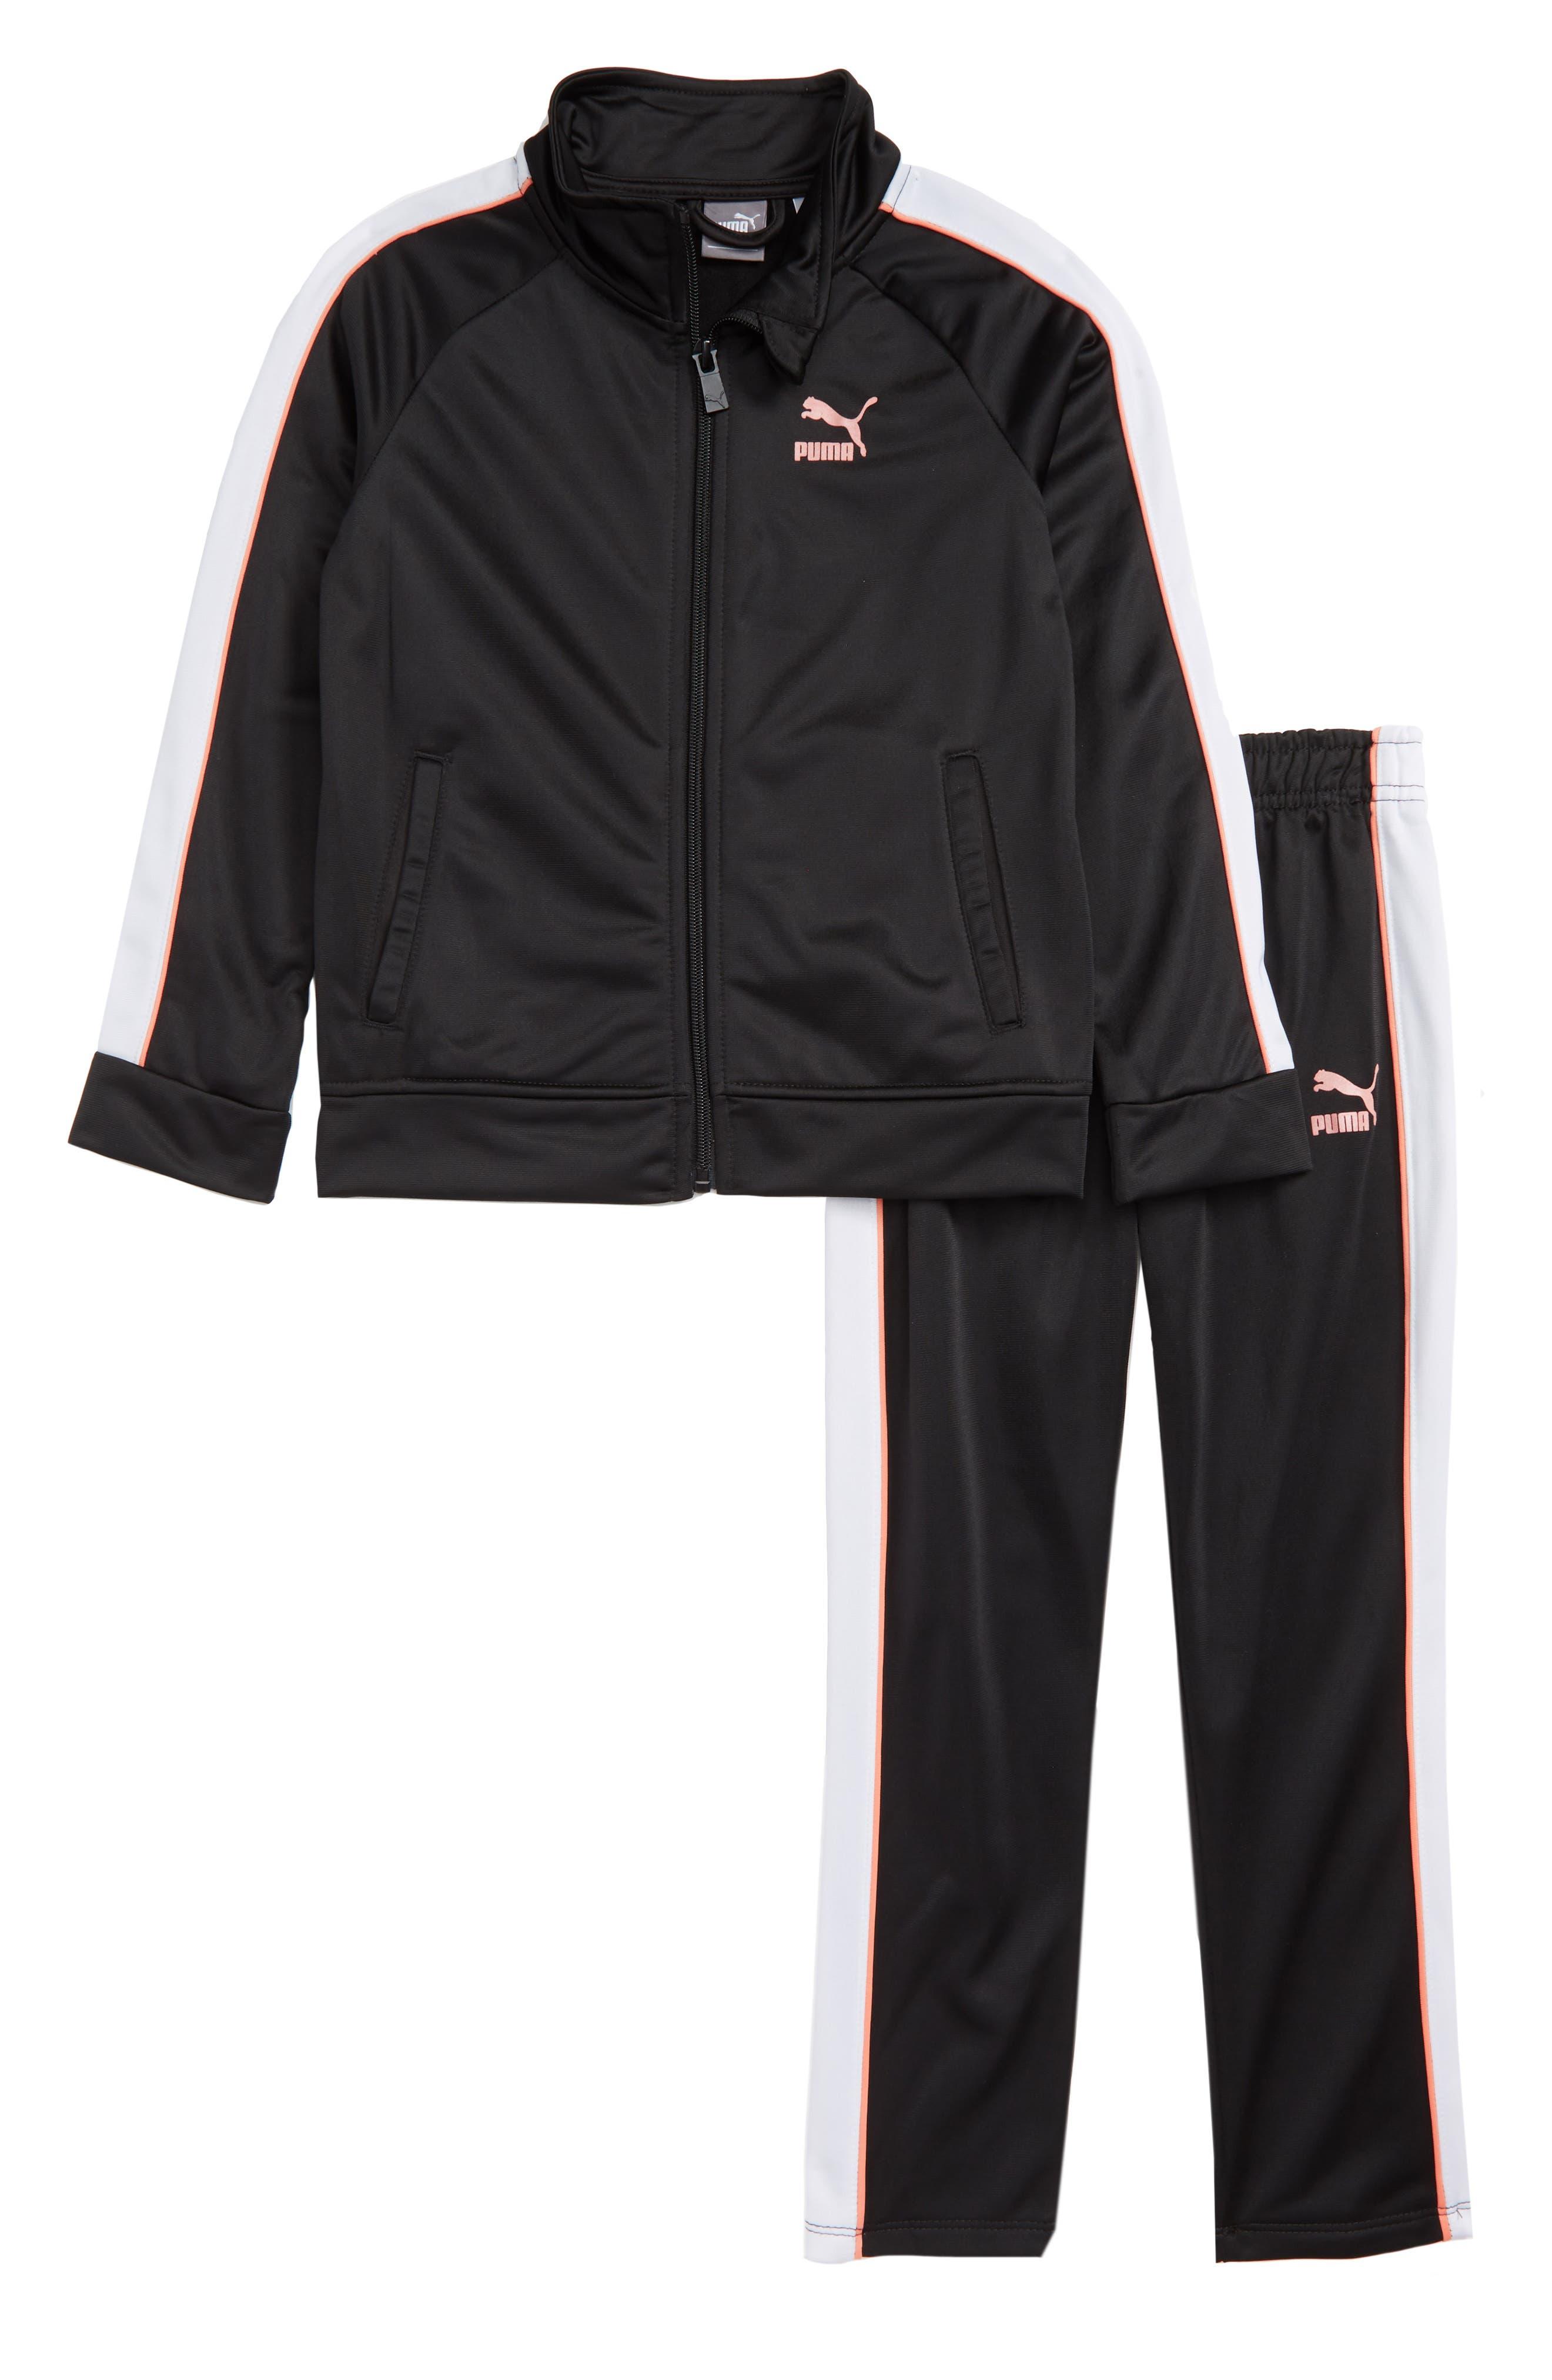 Track Jacket and Pant Set,                             Main thumbnail 1, color,                             001